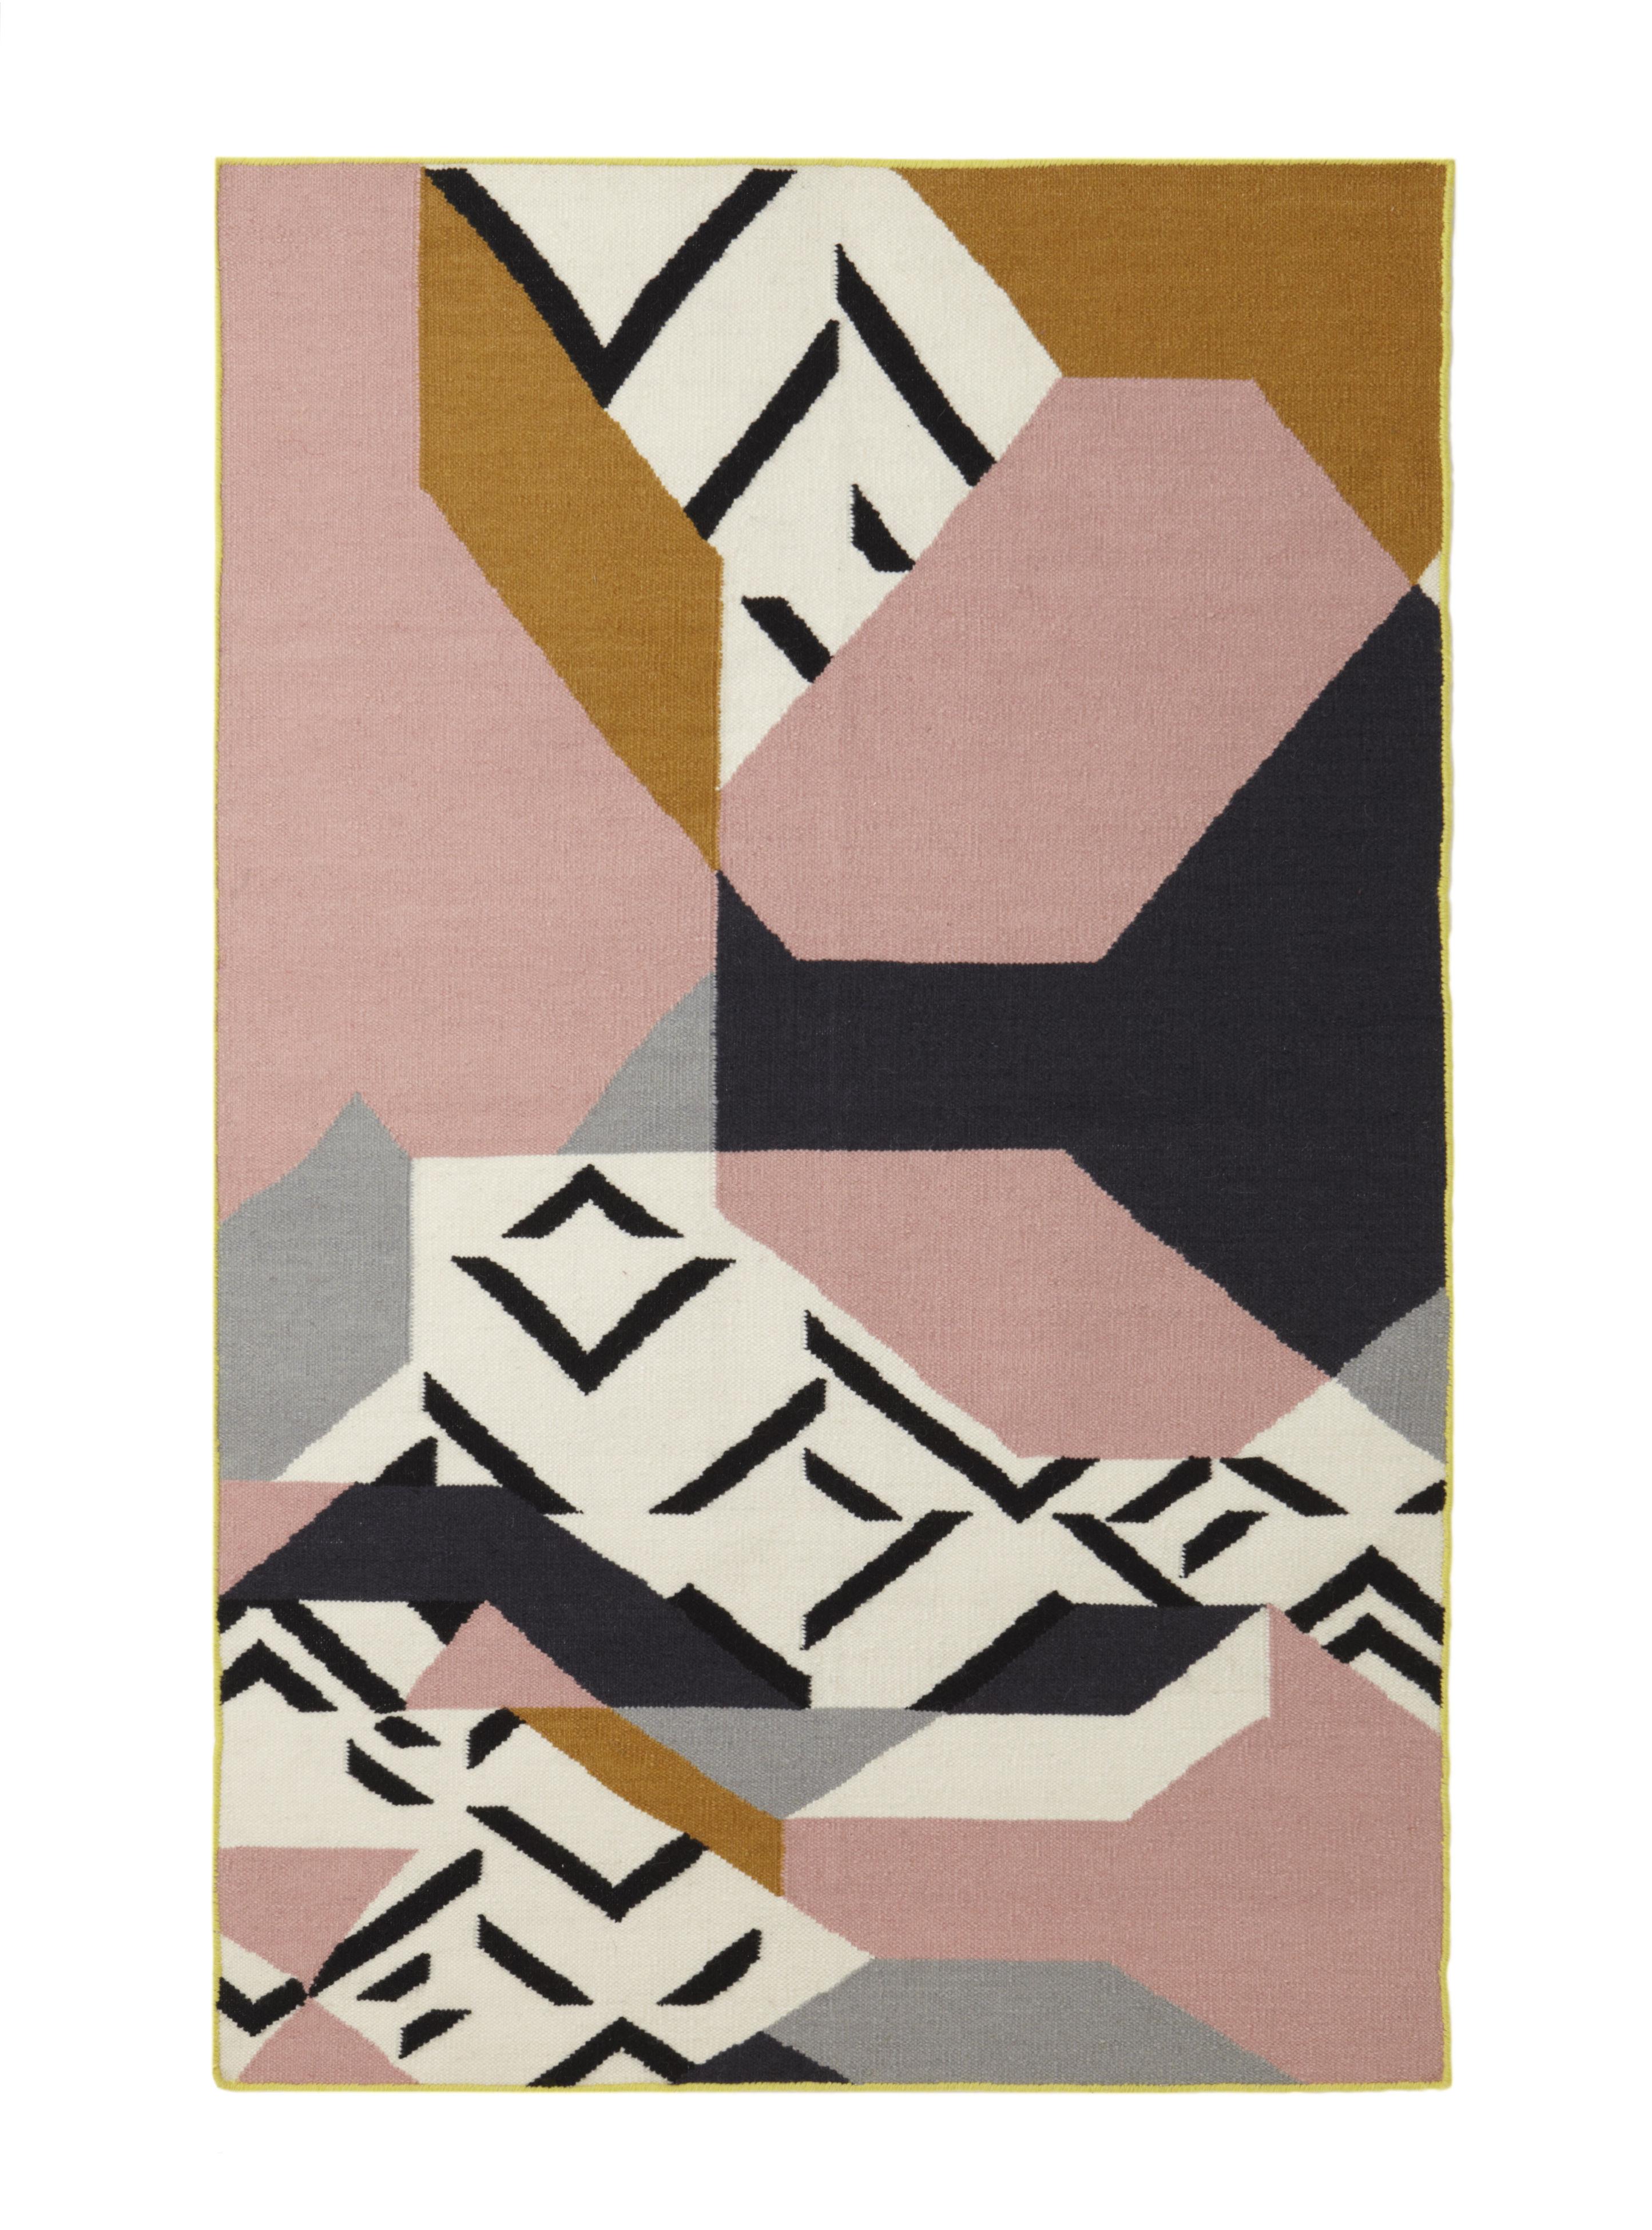 Tapis lakm 120 x 180 cm rose mapoesie - Made in design tapis ...